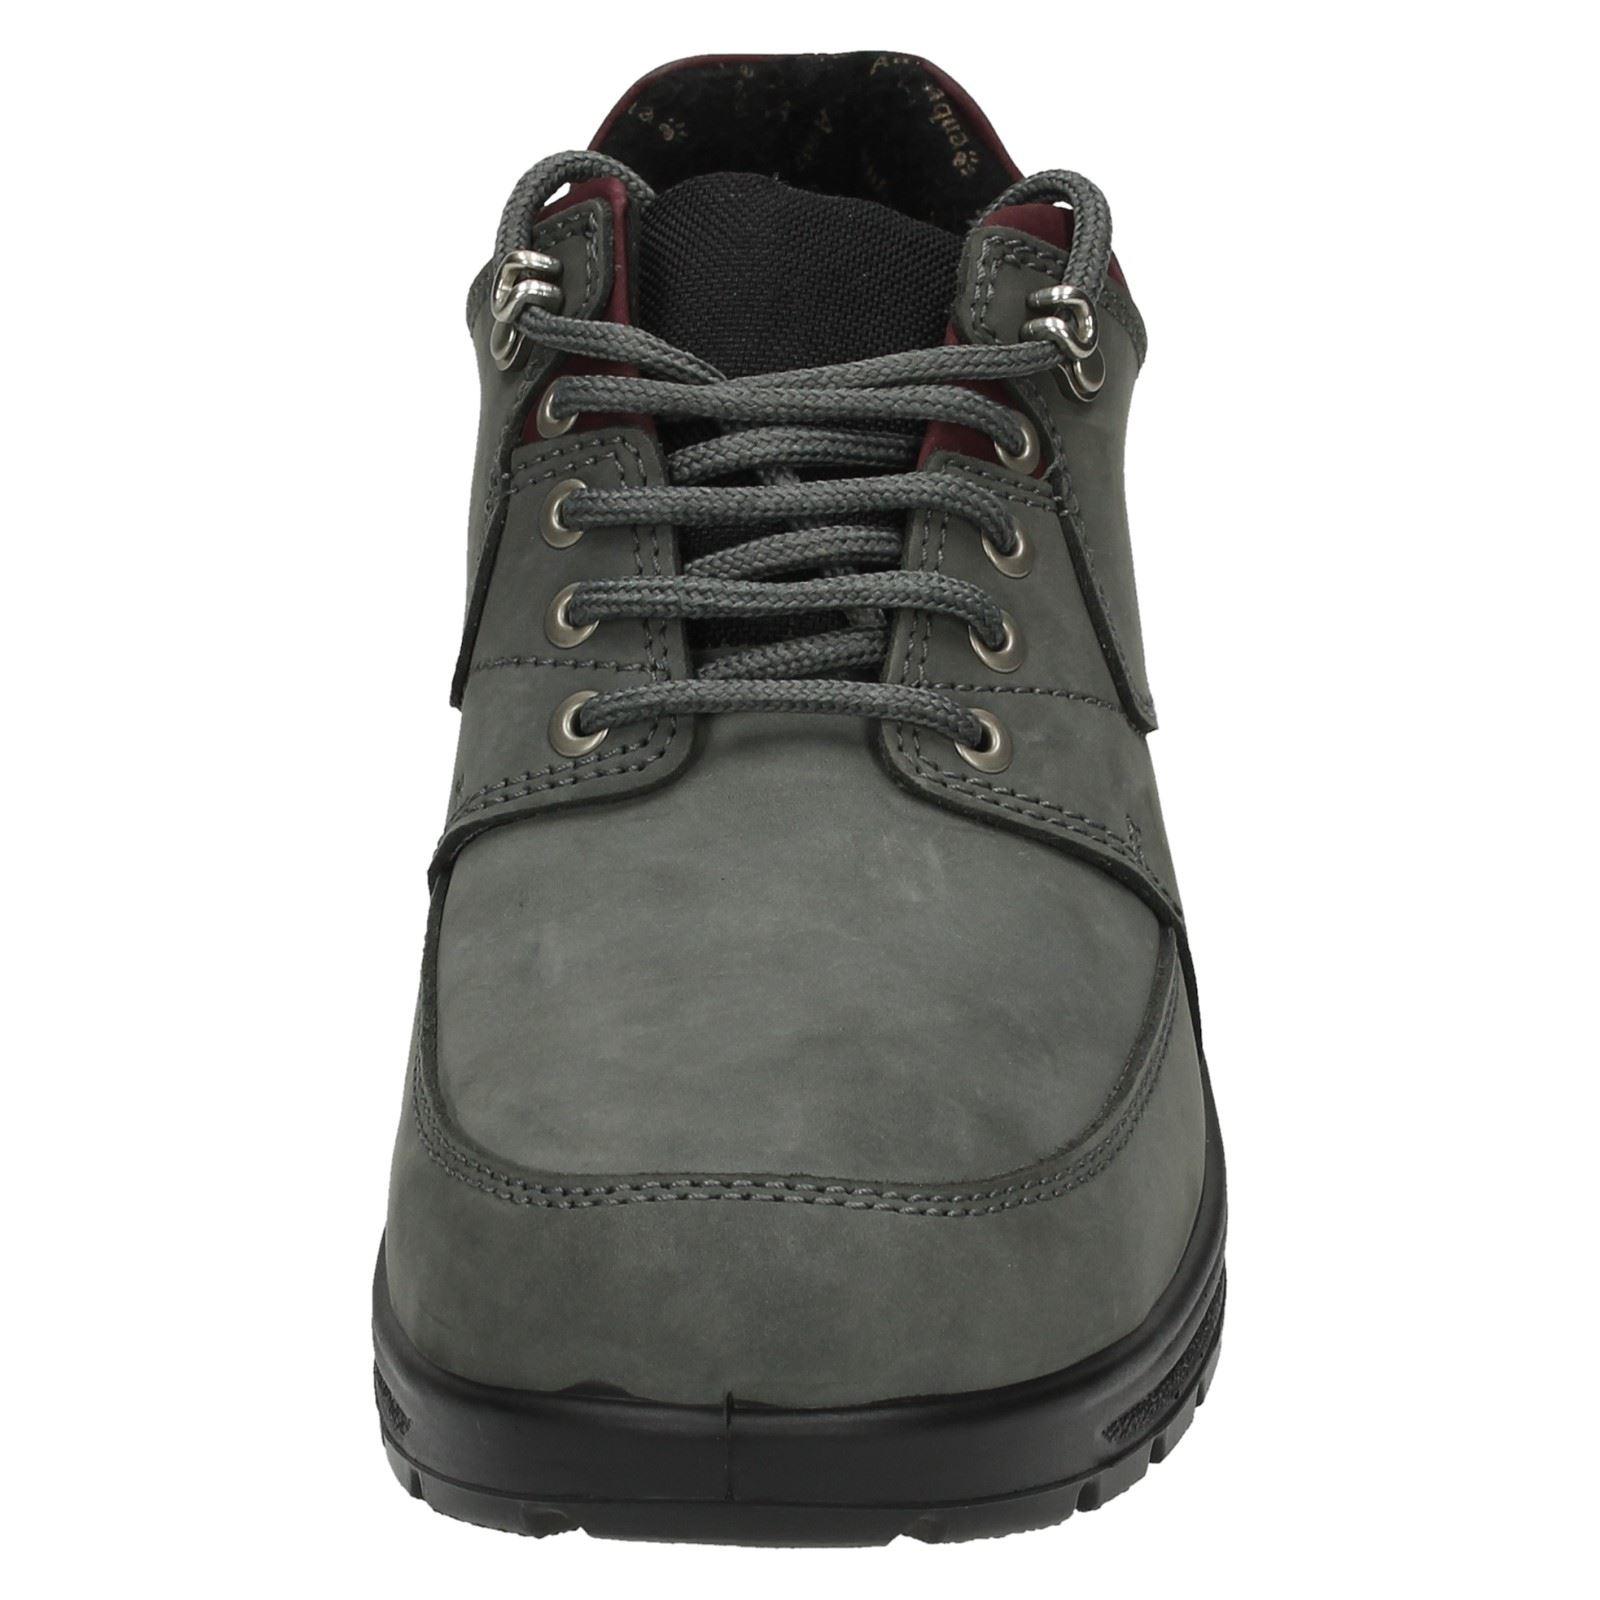 modelo más vendido de la marca Damas Padders al Resistente Al Agua Botas al Padders Tobillo cumbre 01dcb1